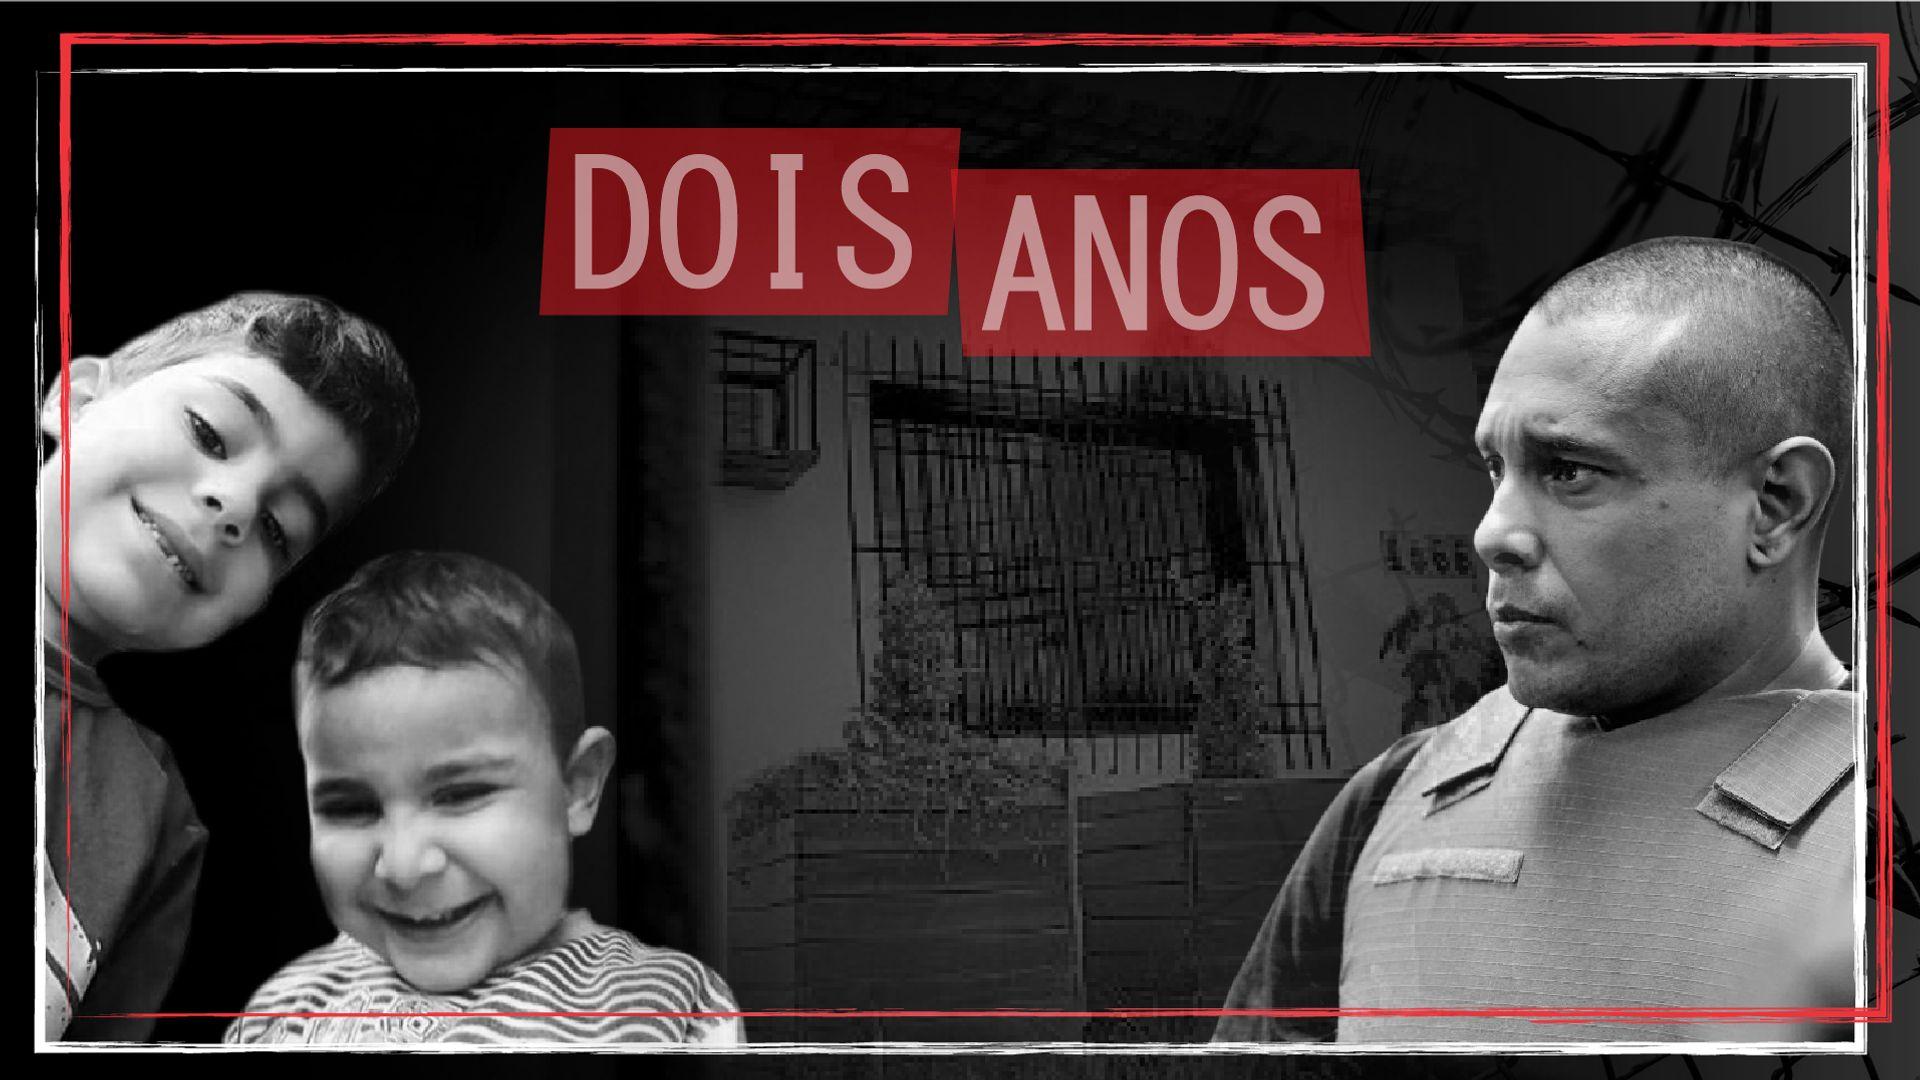 O ex-pastor George Alves, pai biológico de Joaquim e de criação de Kauã, é acusado pela morte das das crianças